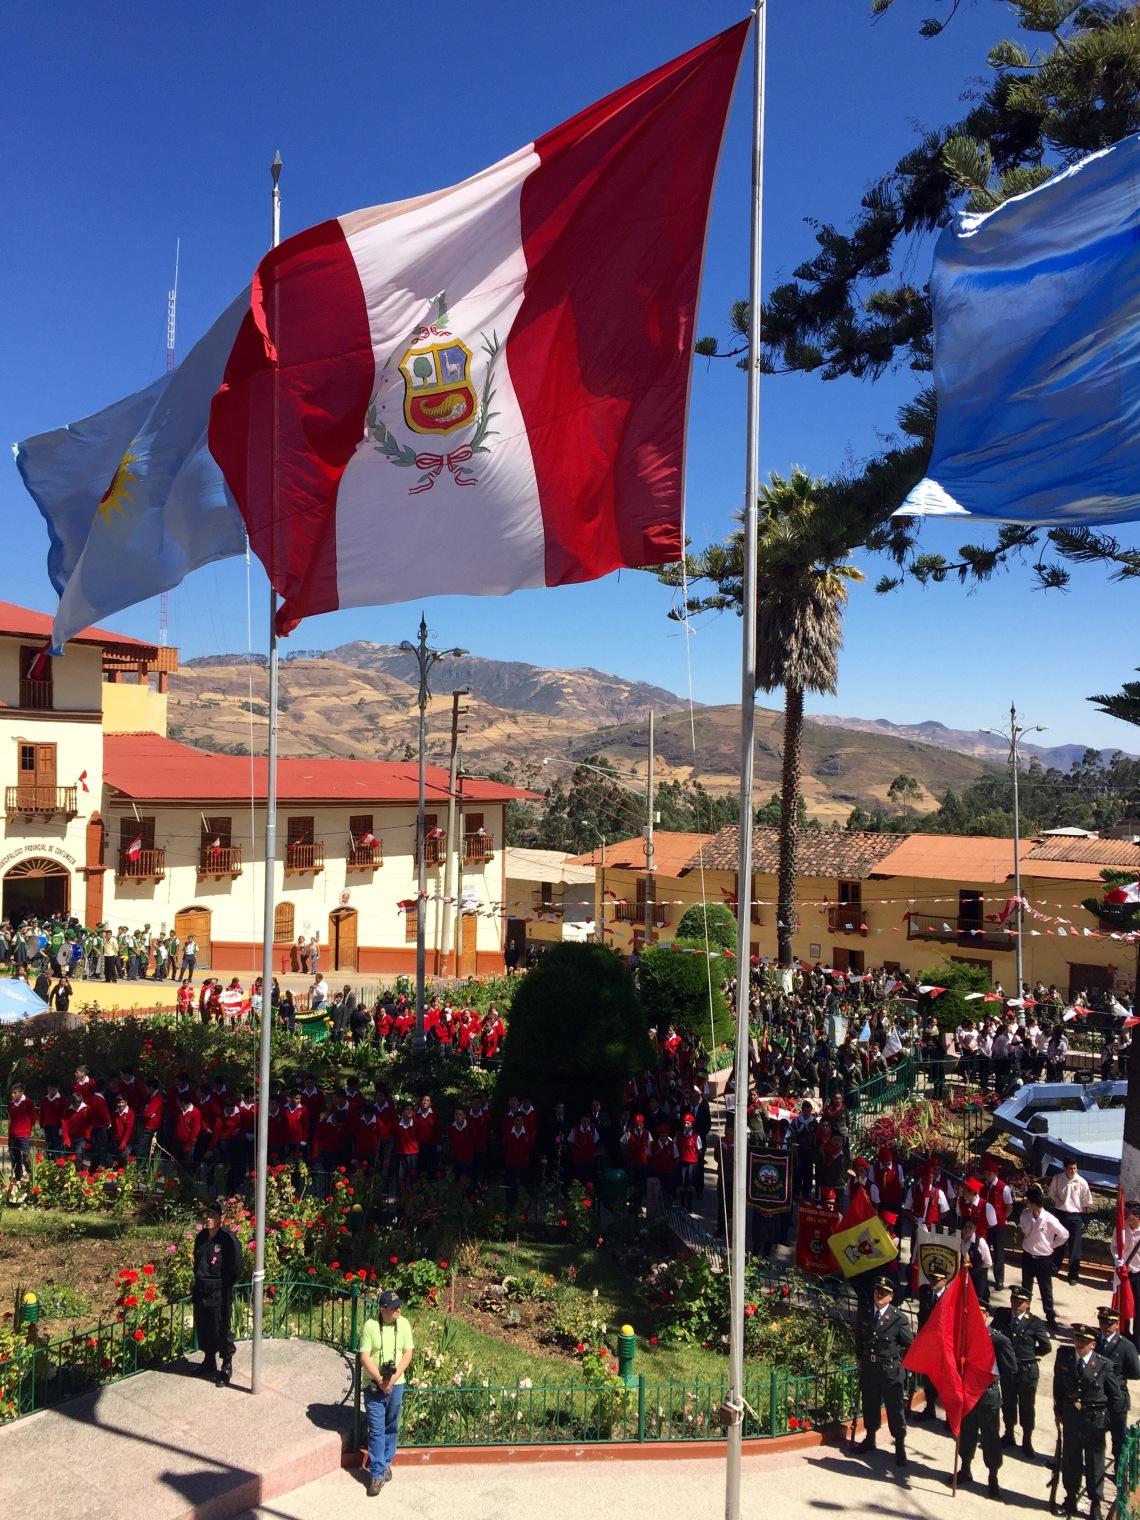 Peruvian flag Fiestas Patrias 2016 Peruvian Independence